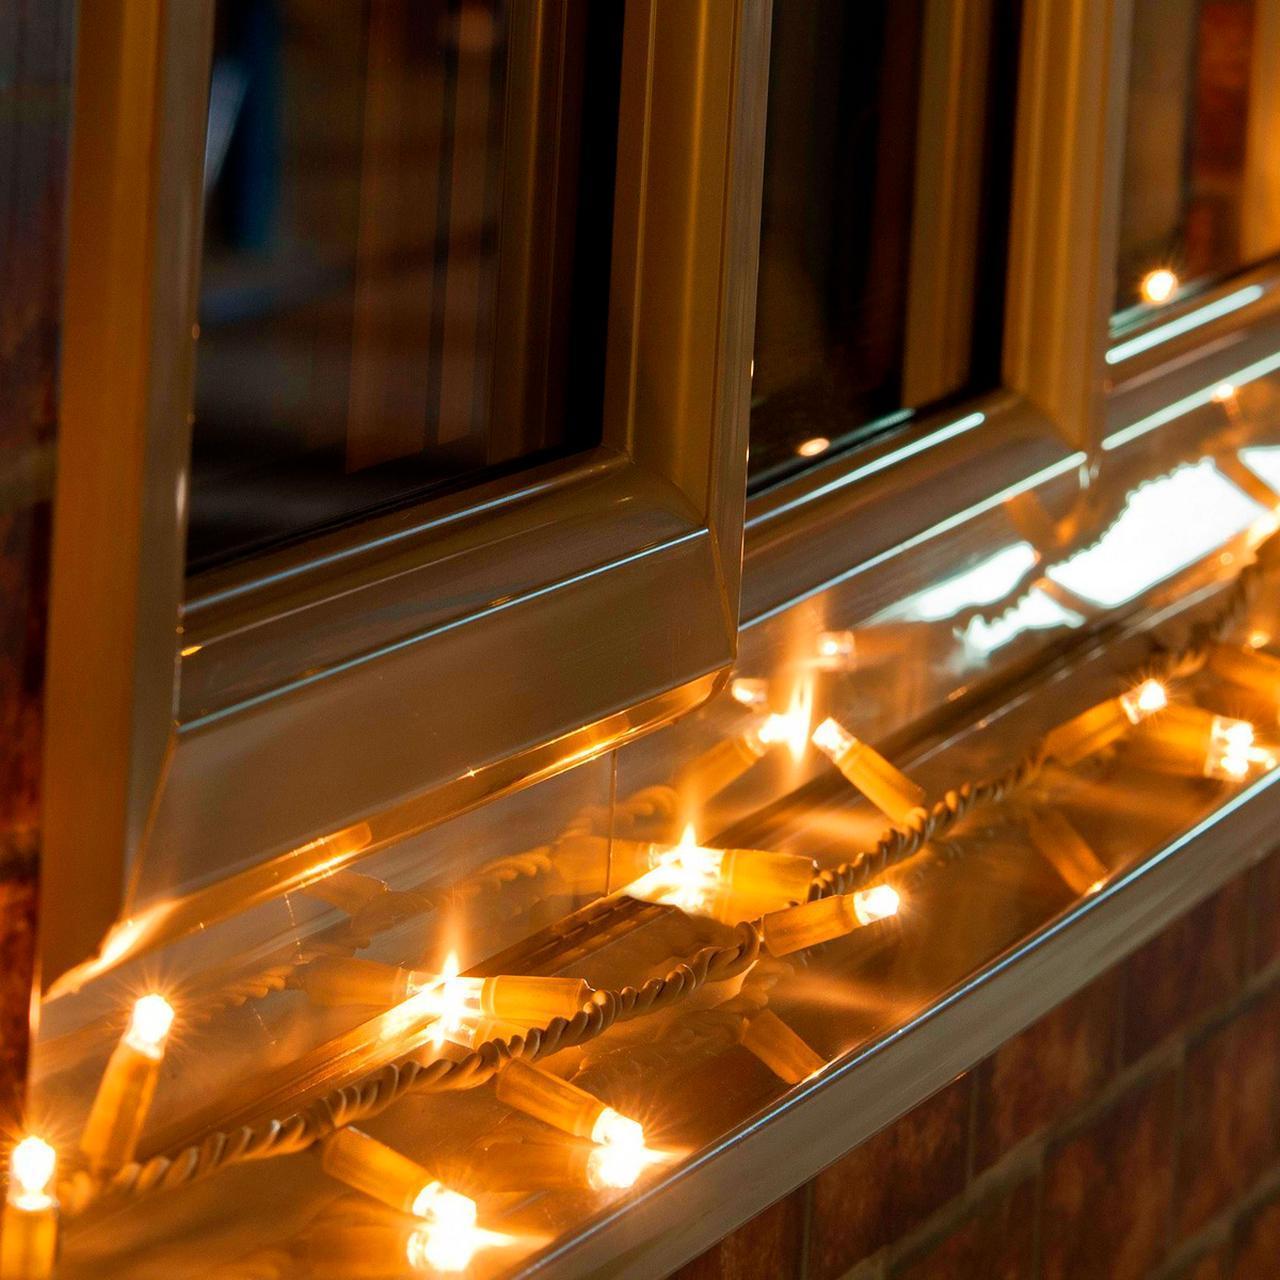 Уличная Гирлянда светодиодная нить, 20 м, 200 led белый каучуковый провод - цвет желтый, статический режим